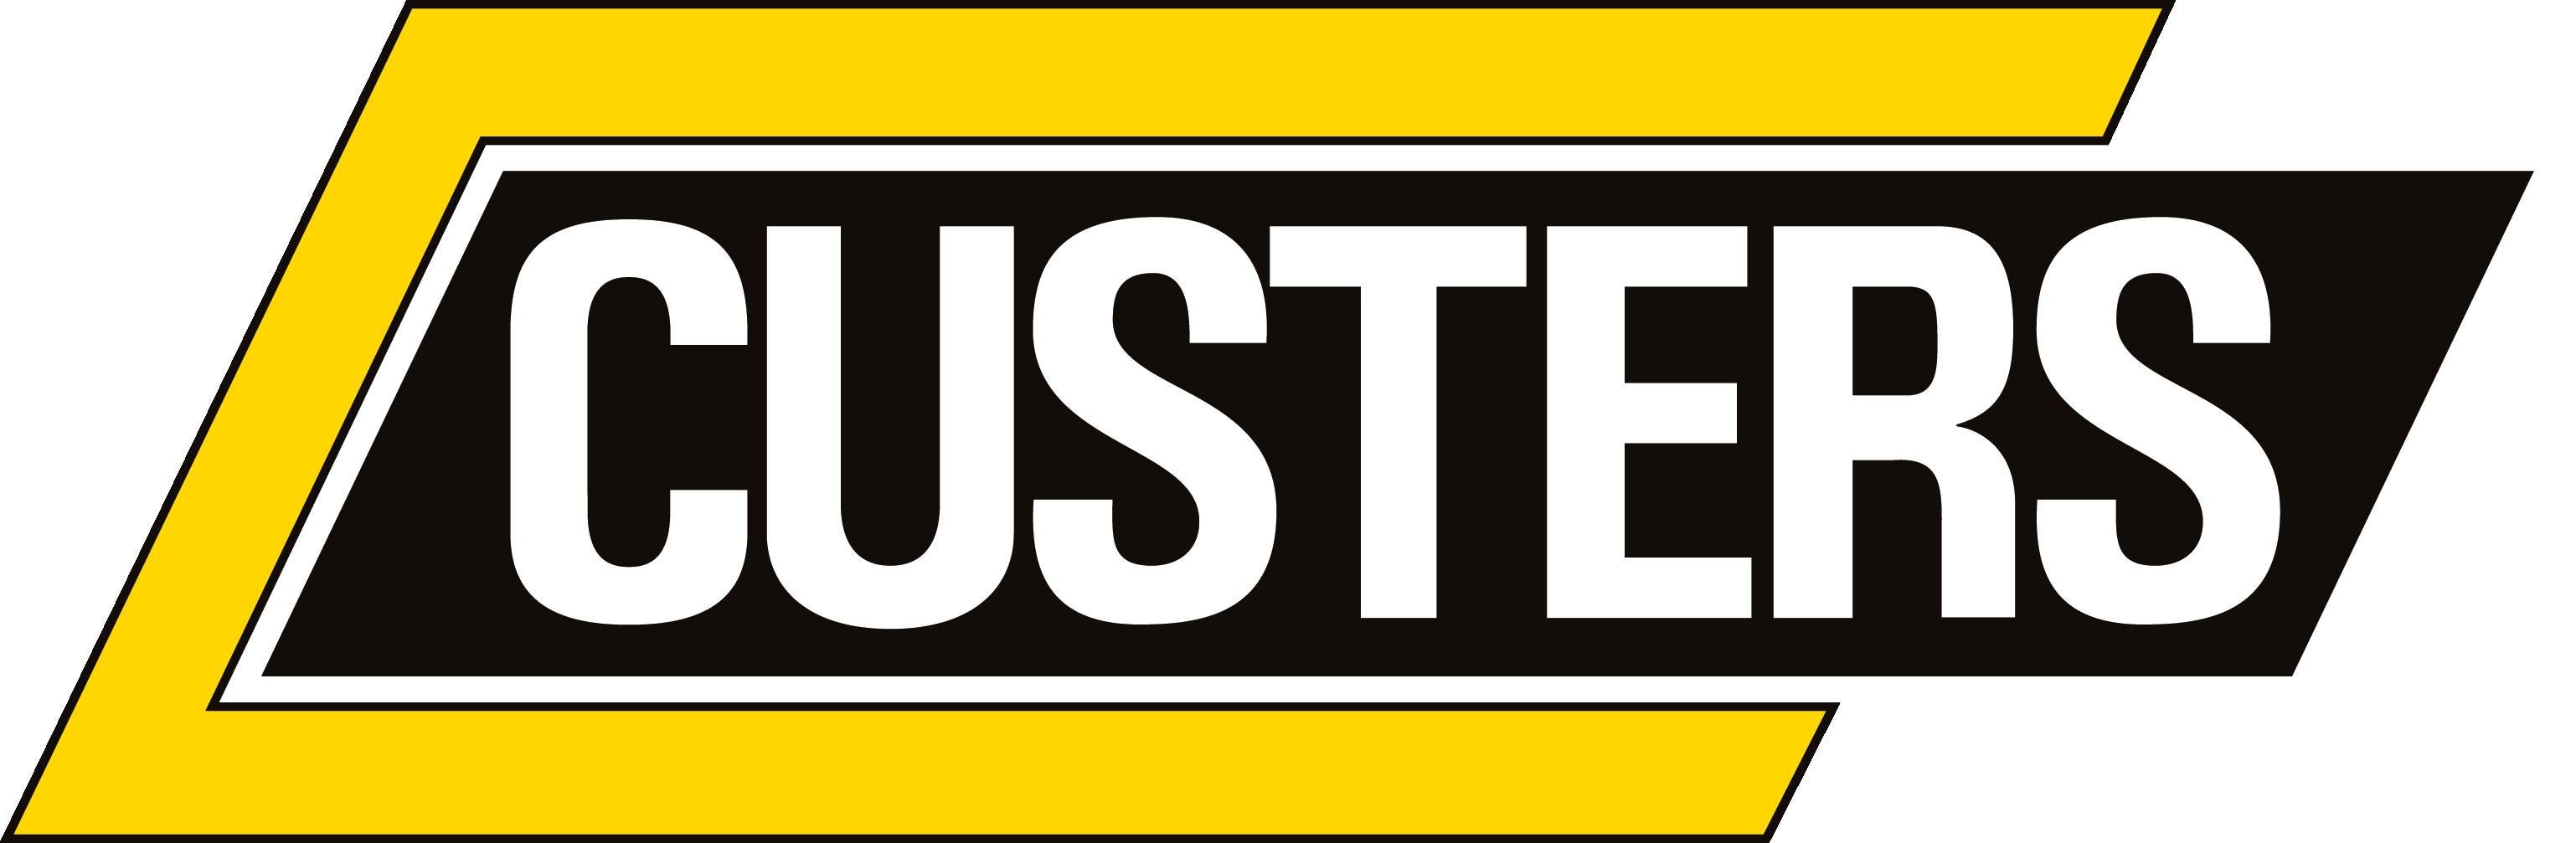 Custers® Aluminium Scaffolding logo